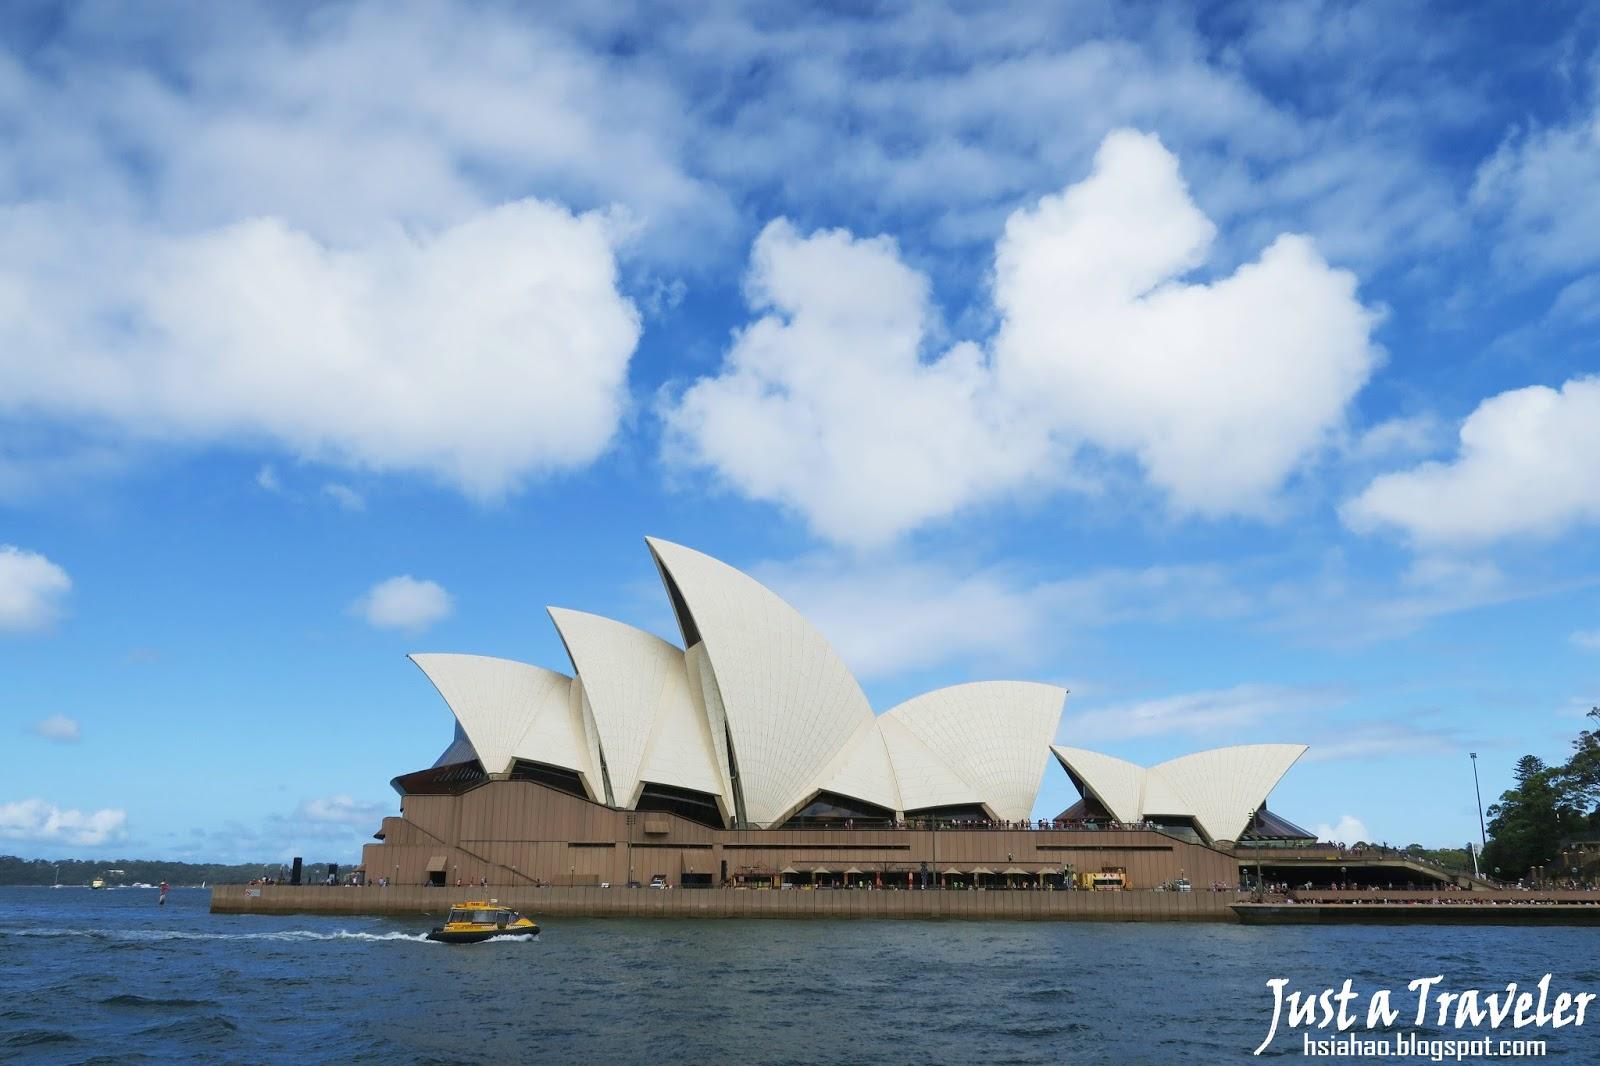 澳洲-旅遊-自由行-景點-觀光-推薦-地圖-雪梨-雪梨港-雪梨歌劇院-墨爾本-布里斯本-黃金海岸-凱恩斯-塔斯馬尼亞-Australia-Melbourne-Sydney-Opera-House-Gold-Coast-Brisbane-Tasmania-Cairns